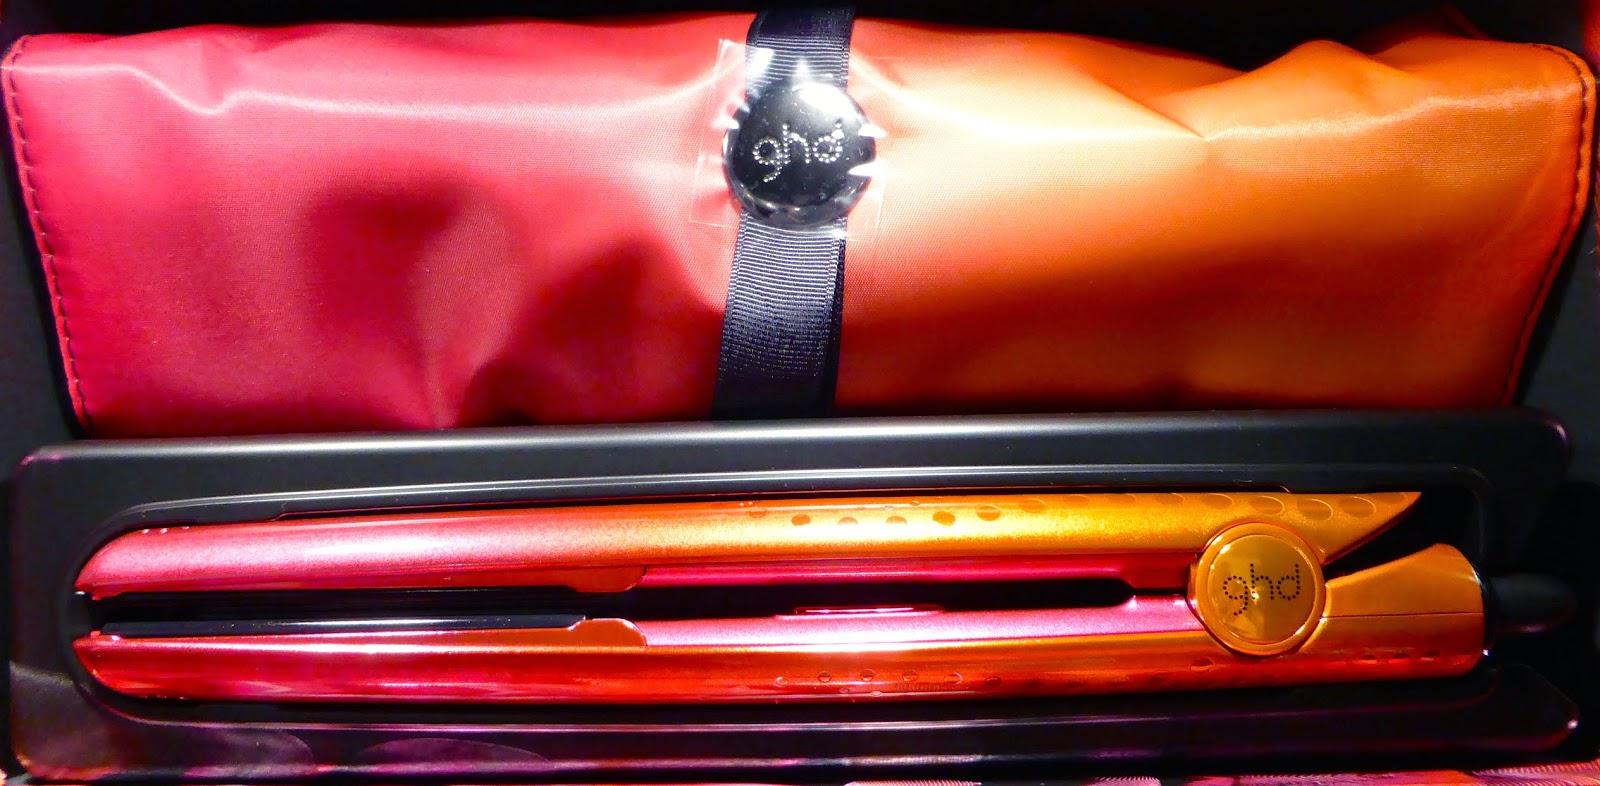 Le Studio 54 à Montpellier vous propose la version Coral du Styler GHD classic,  avec une offre spéciale contenant un bracelet LOLLIPOS